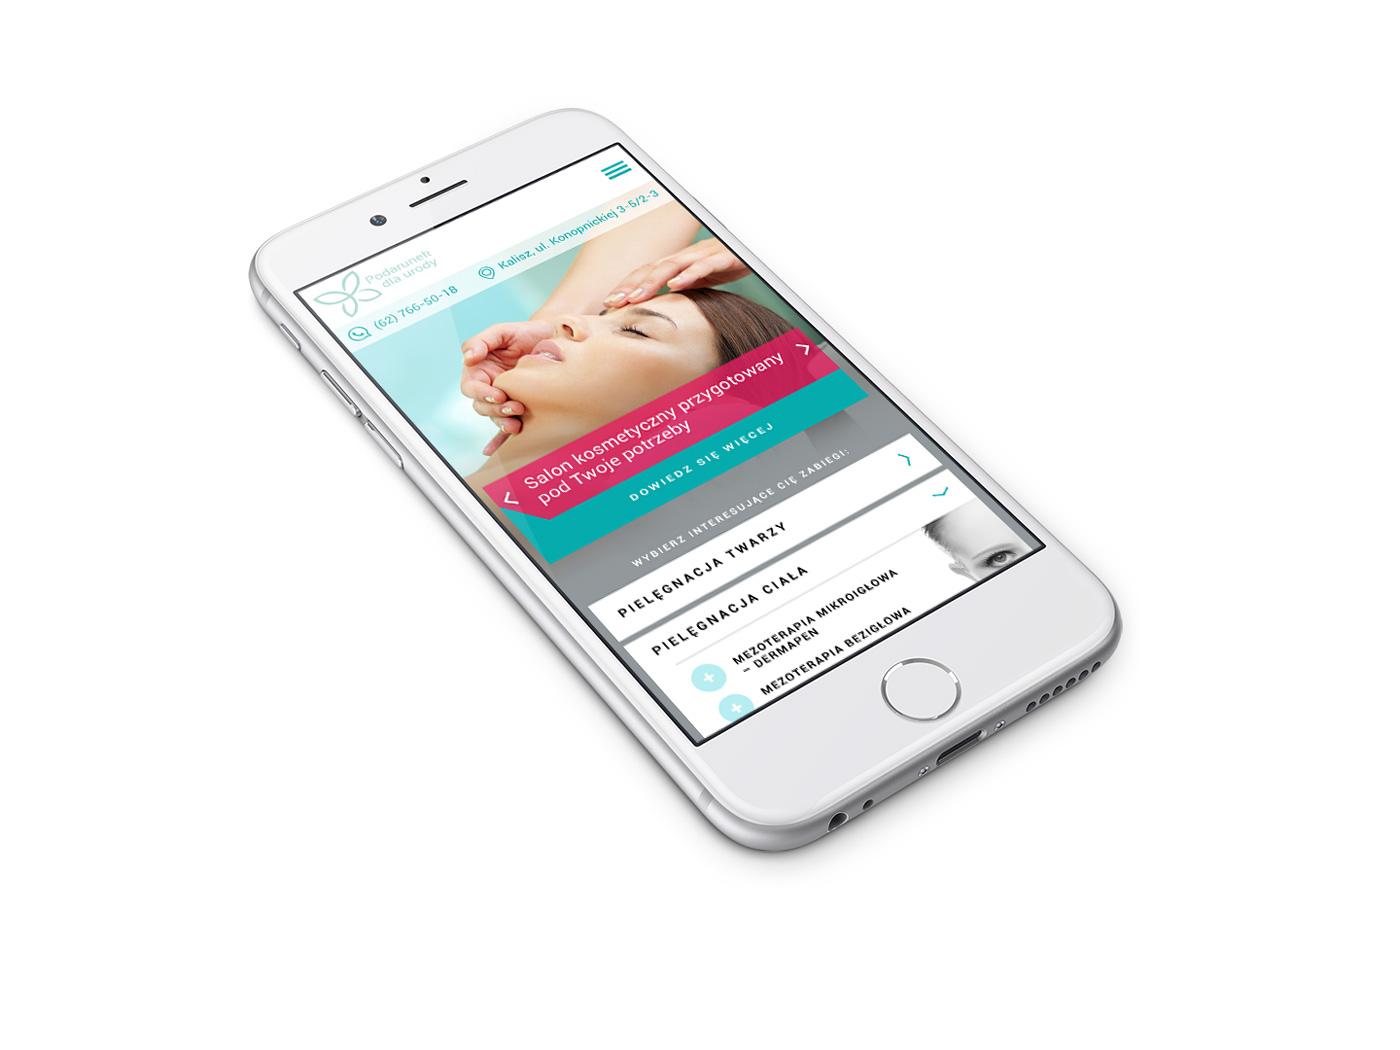 Podarunek dla urody - slaon kosmetyczny, strona internetowa w wersji mobilnej na smartphonie